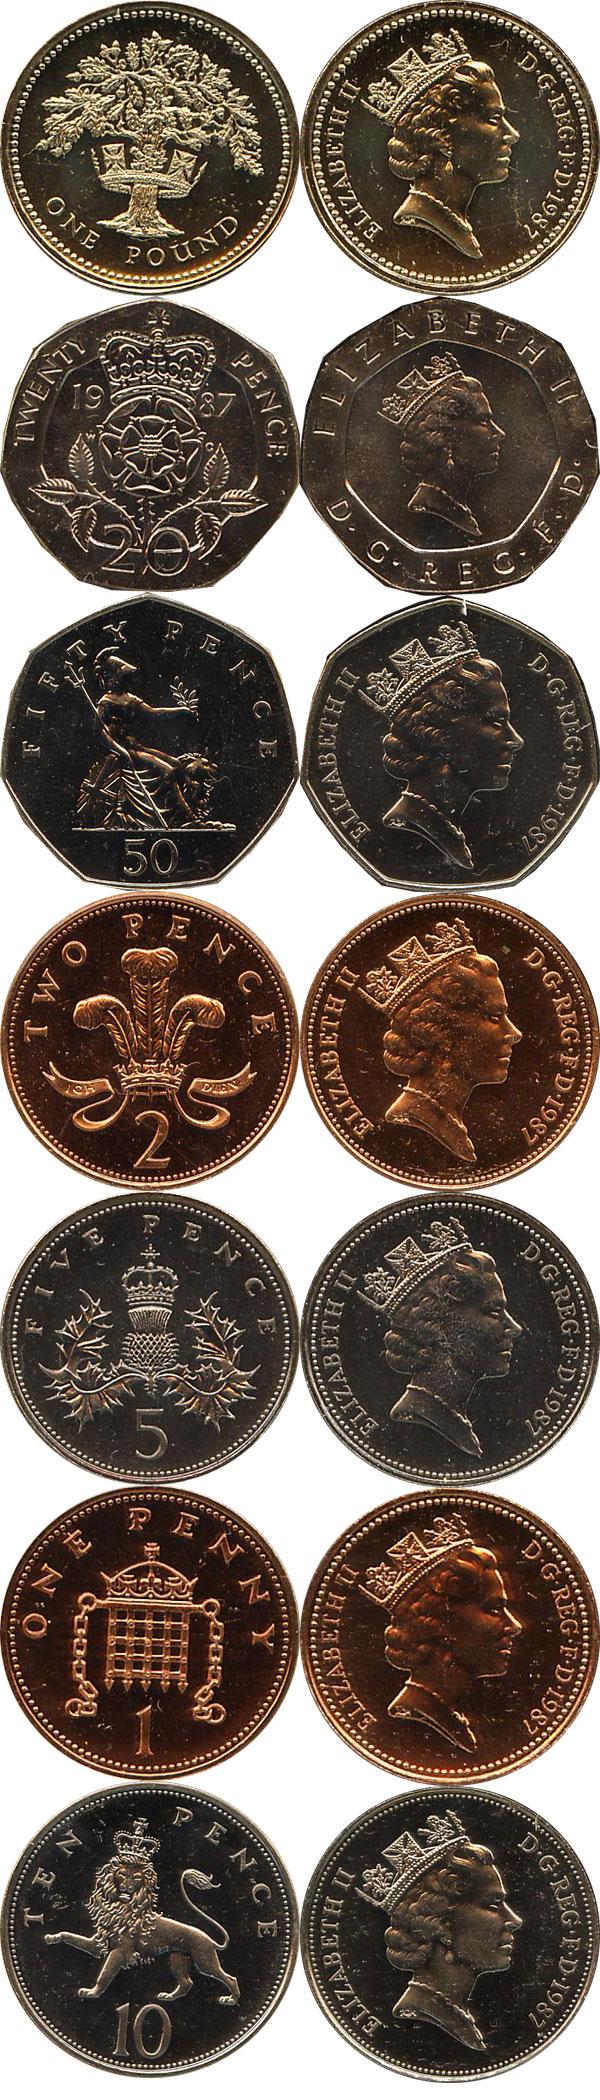 Набор монет Великобритания Набор 1987 года 1987 UNC фото 2